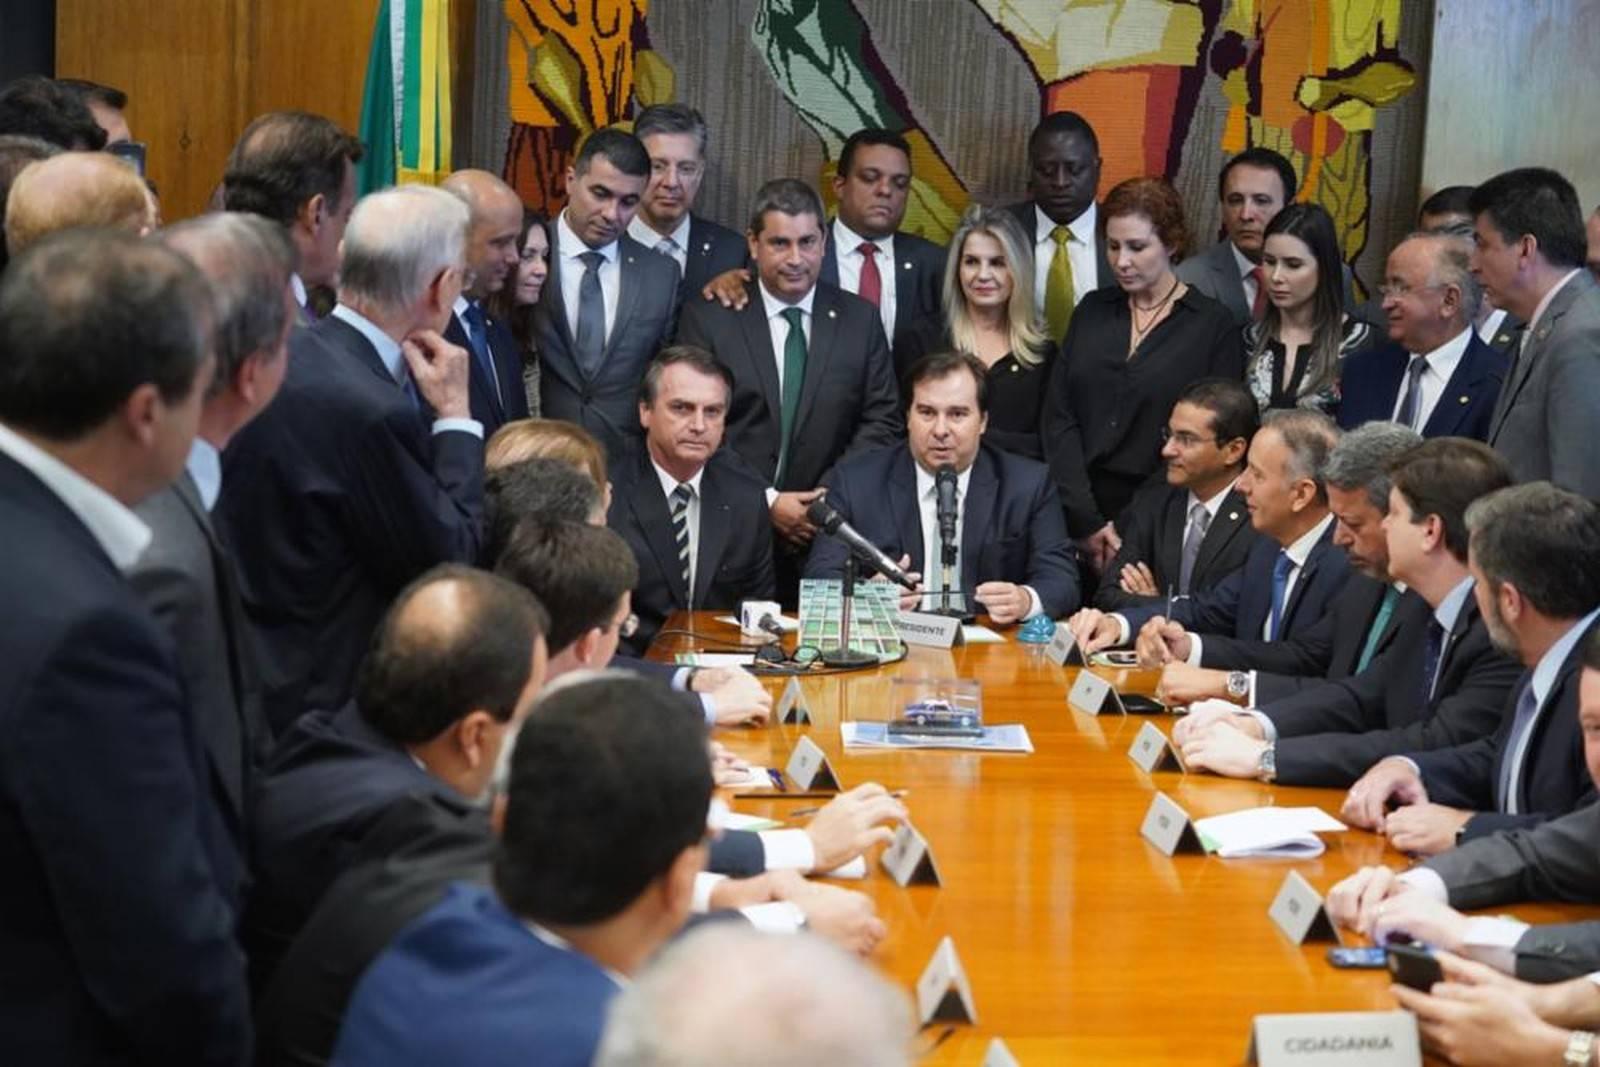 Presidente Jair Bolsonaro entrega o Projeto de Lei a Rodrigo Maia, presidente da Câmara. Foto: Foto: Pablo Valadares/ Câmara dos Deputados